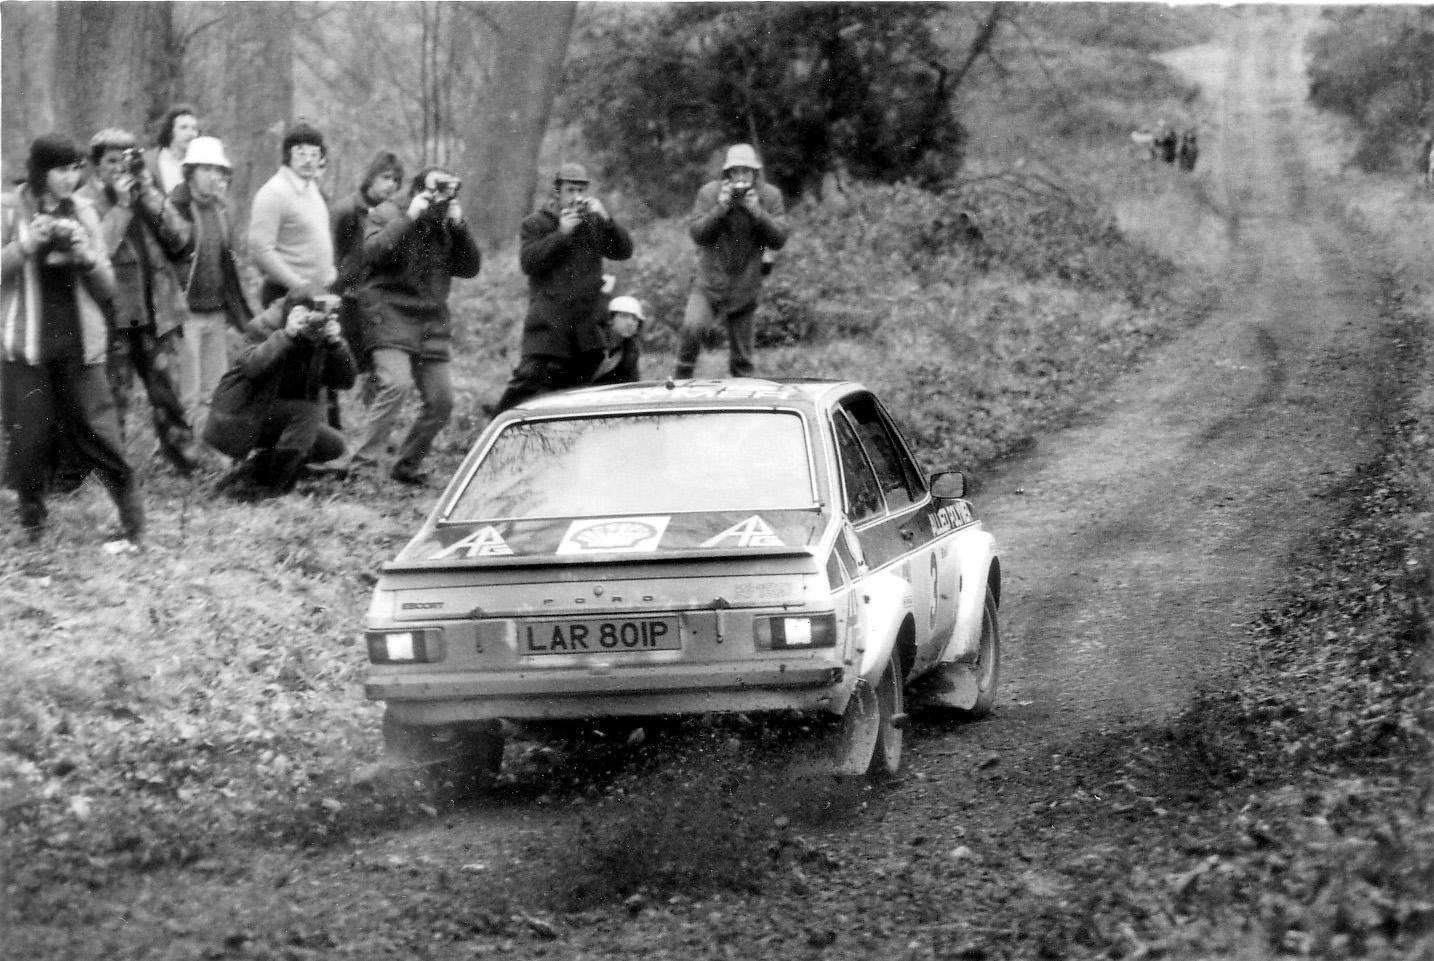 Jari Vatannen on Forest of Dean Rally